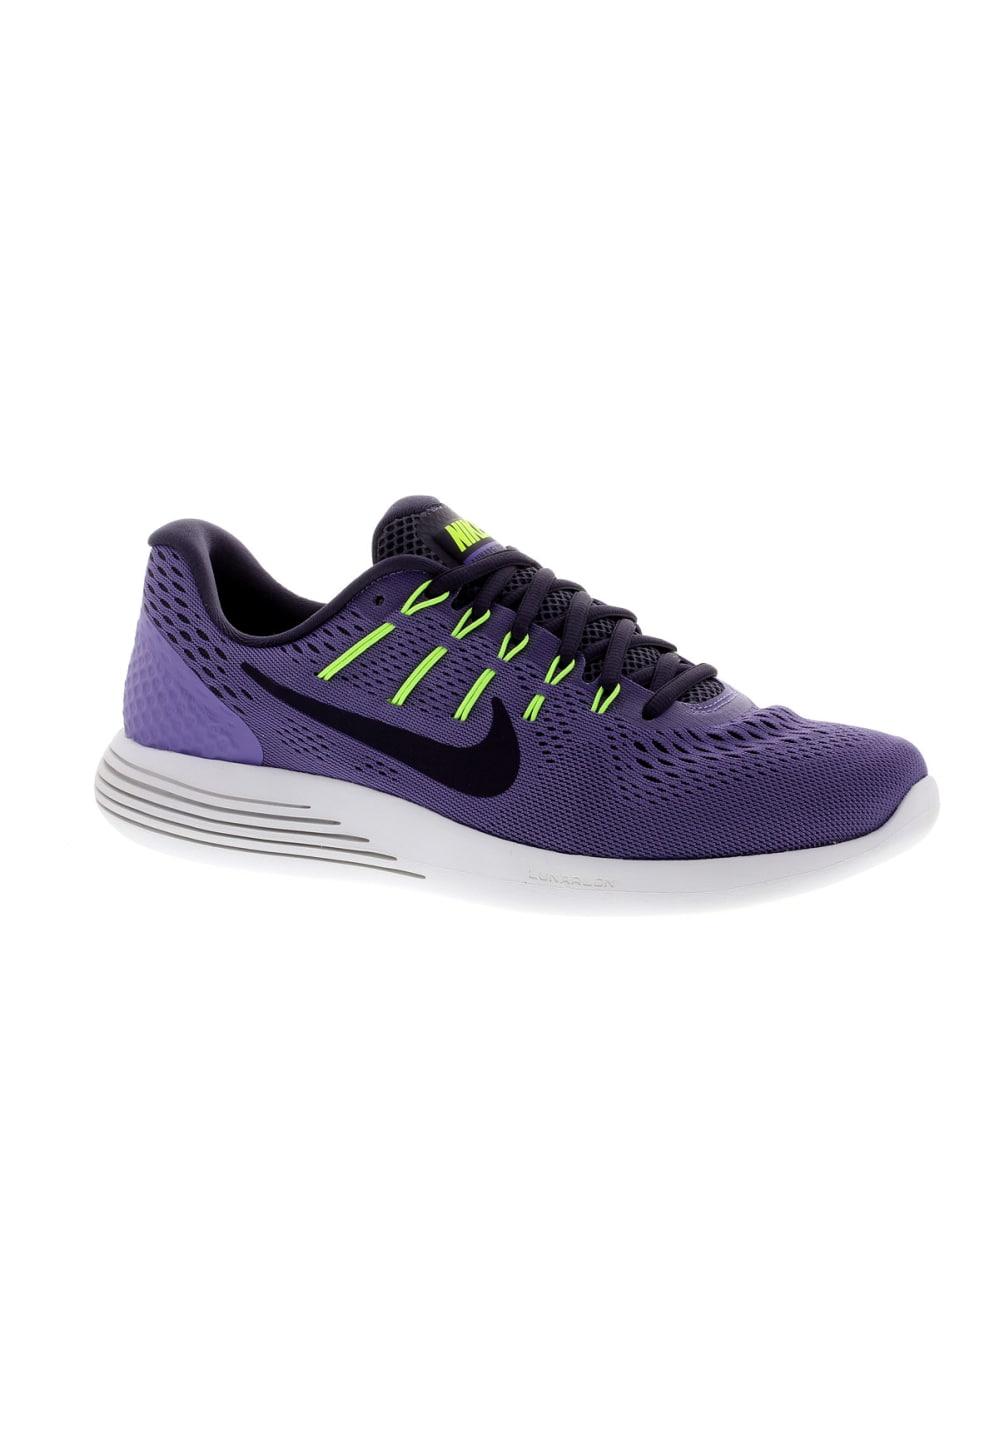 sports shoes d4d3a ab957 Next. Nike. Lunarglide 8 ...